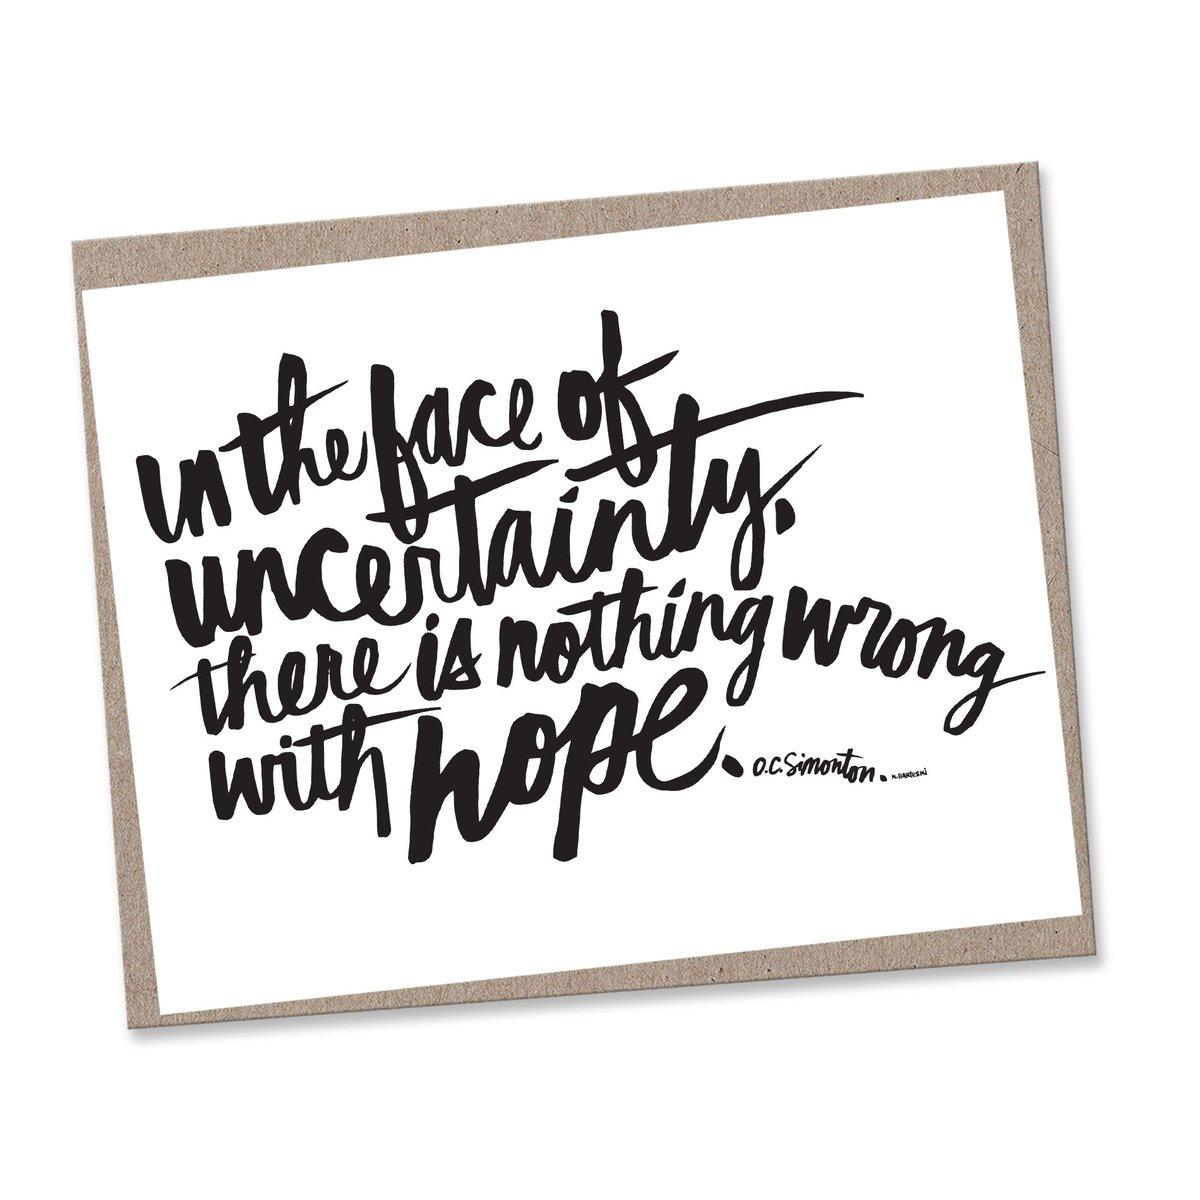 Image of HOPE #kbscript print